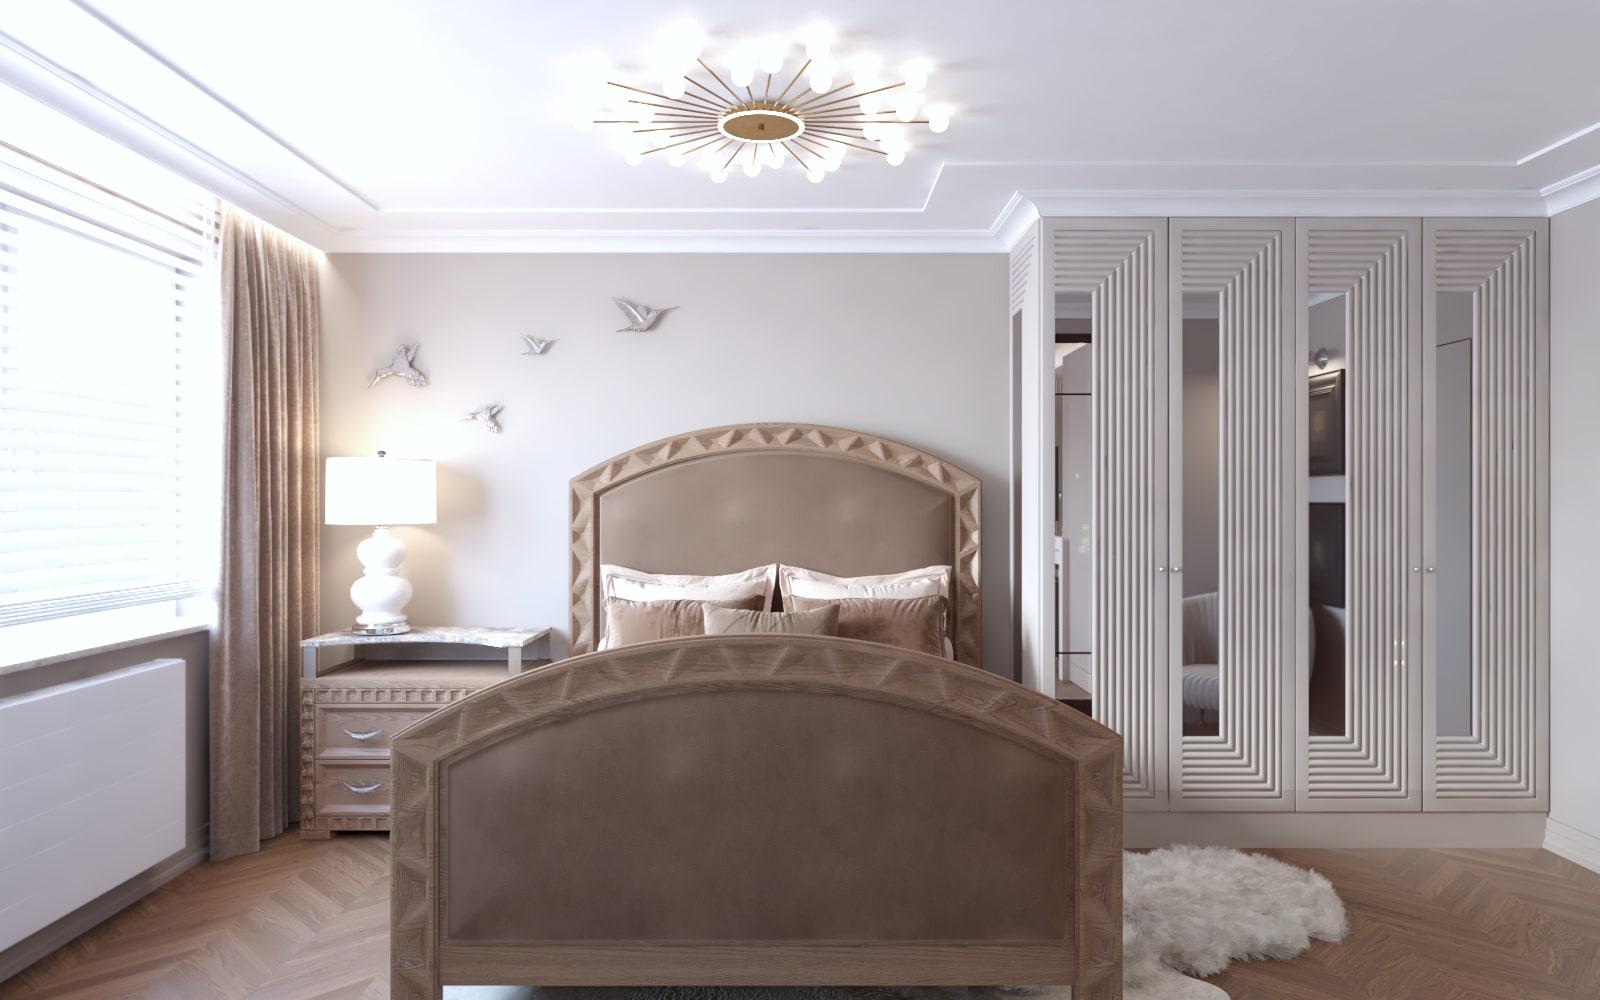 Wnętrze sypialni, która została zaprojektowana przez architektów wnętrz z Krakowa.